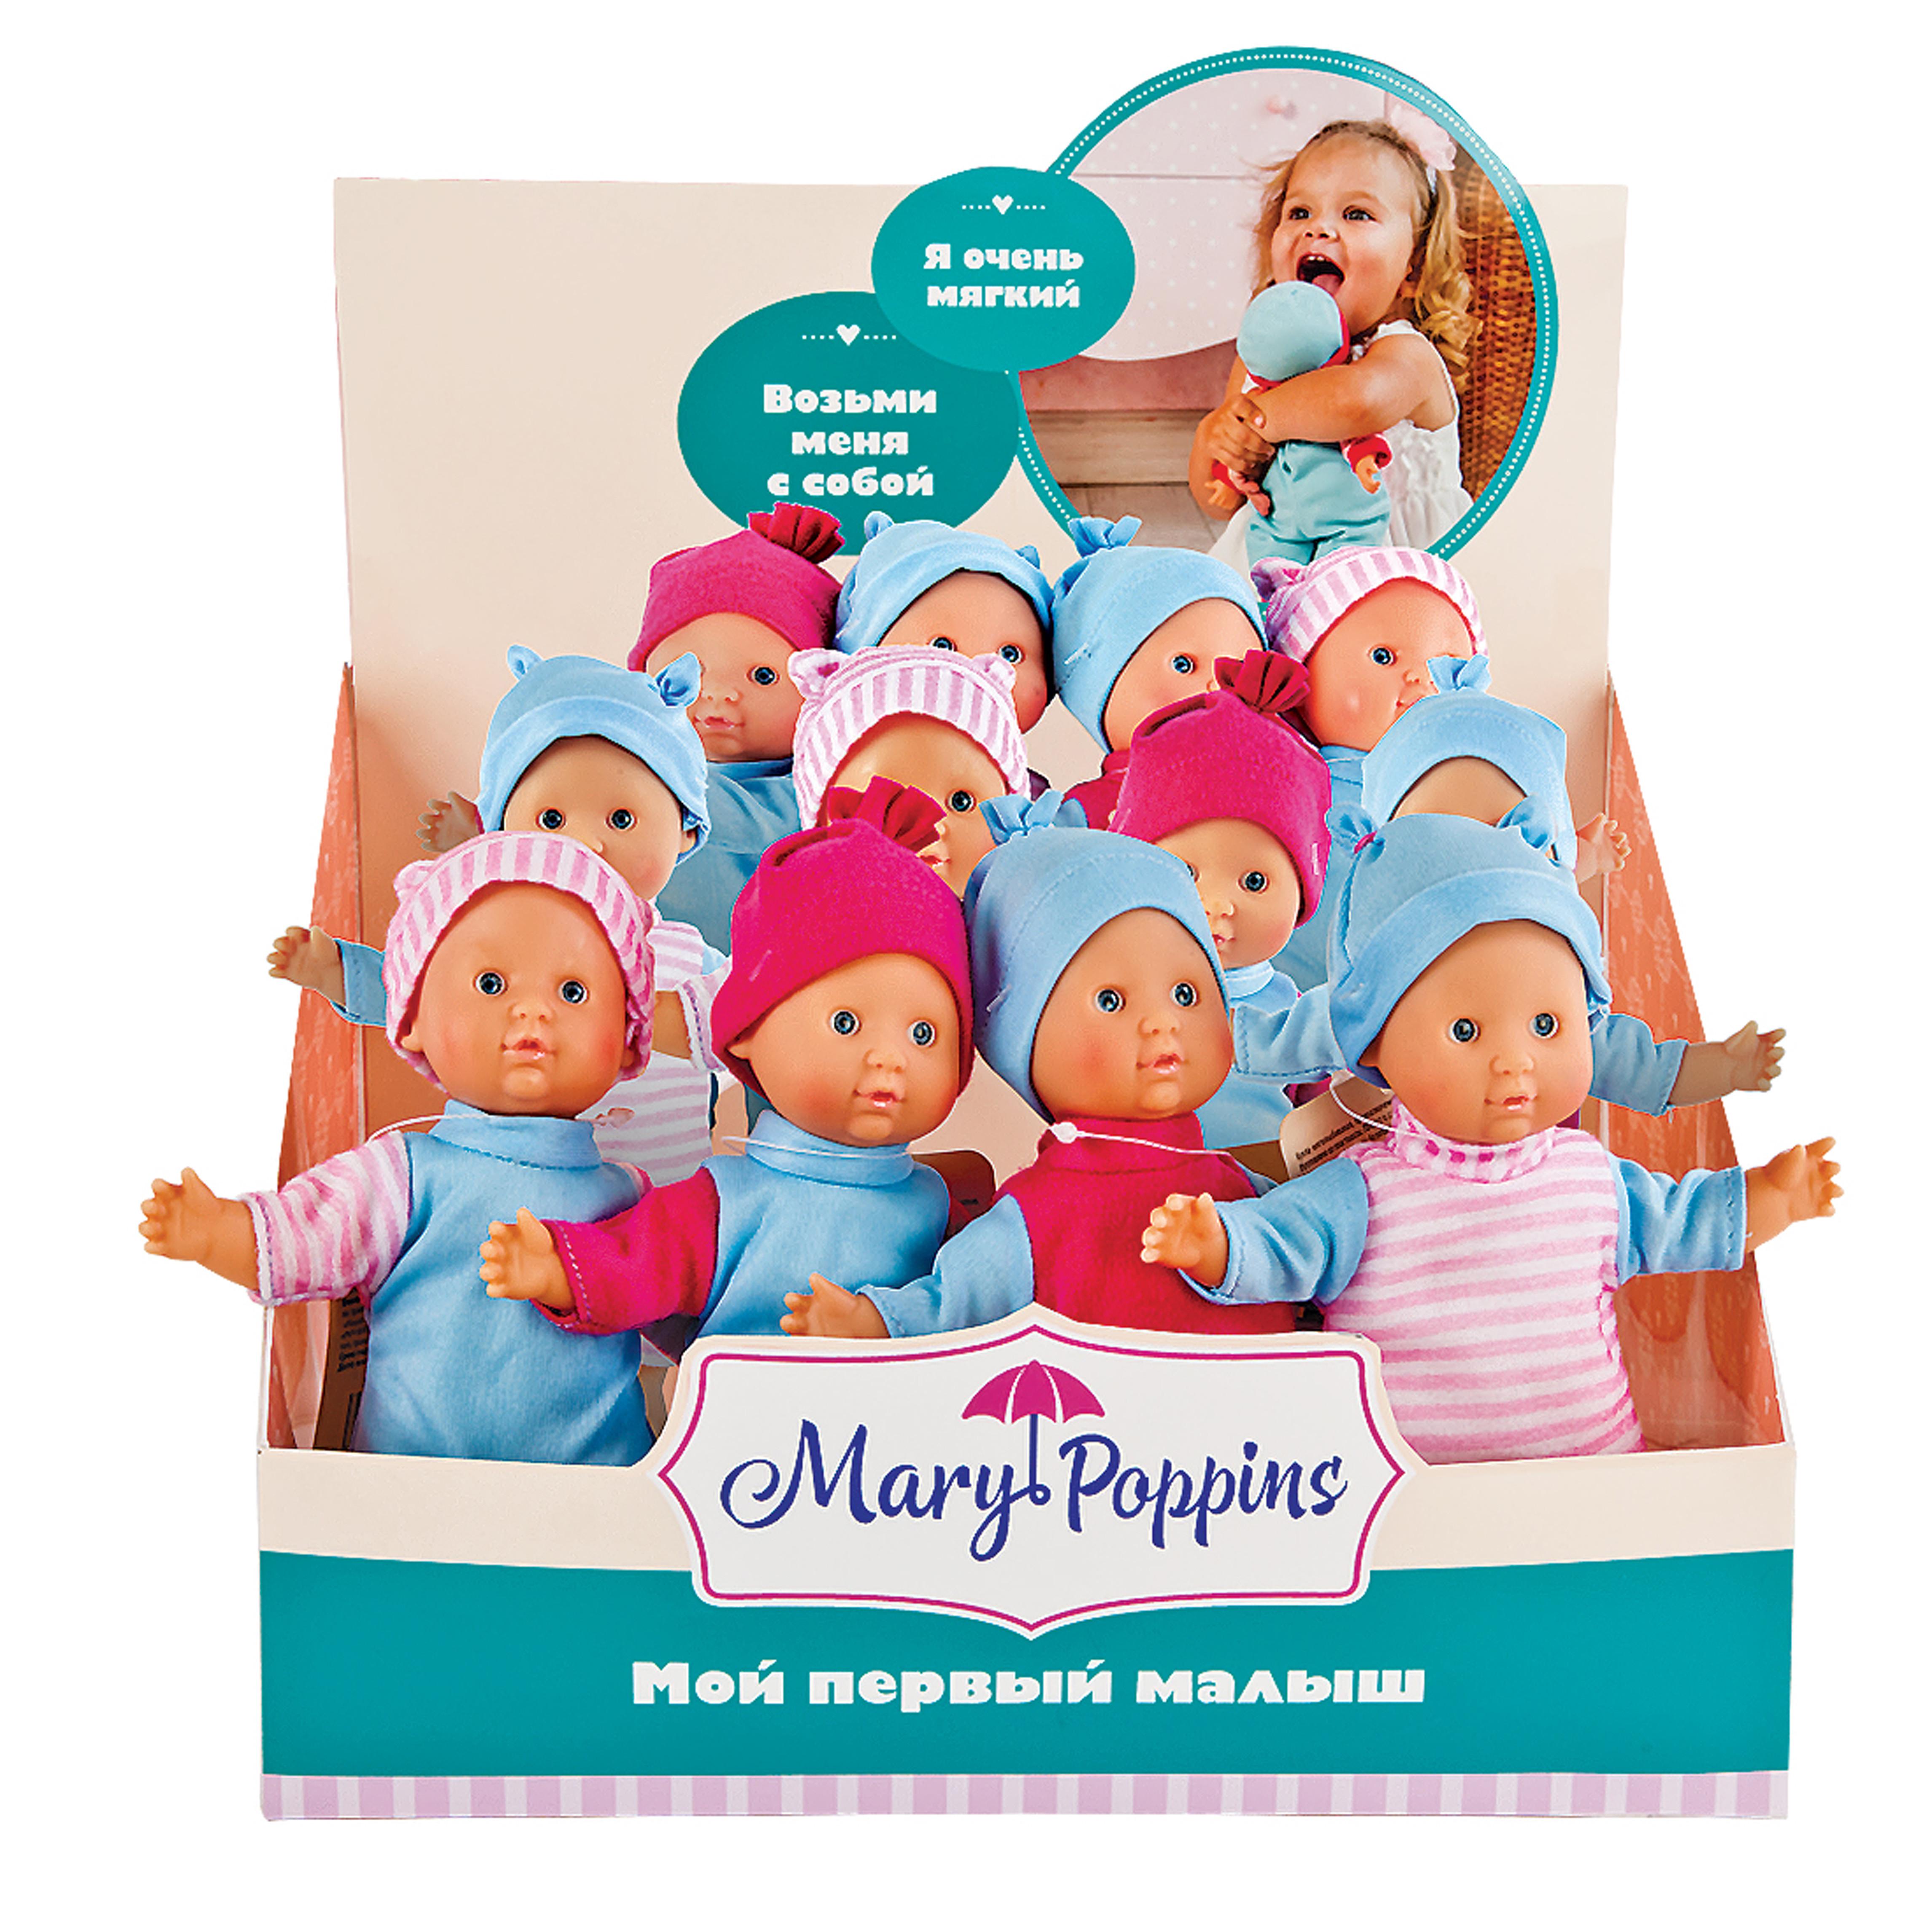 Пупсы Mary Poppins Пупс Mary Poppins «Дени» 17 см в асс. детские зонтики mary poppins автомобиль 46 см